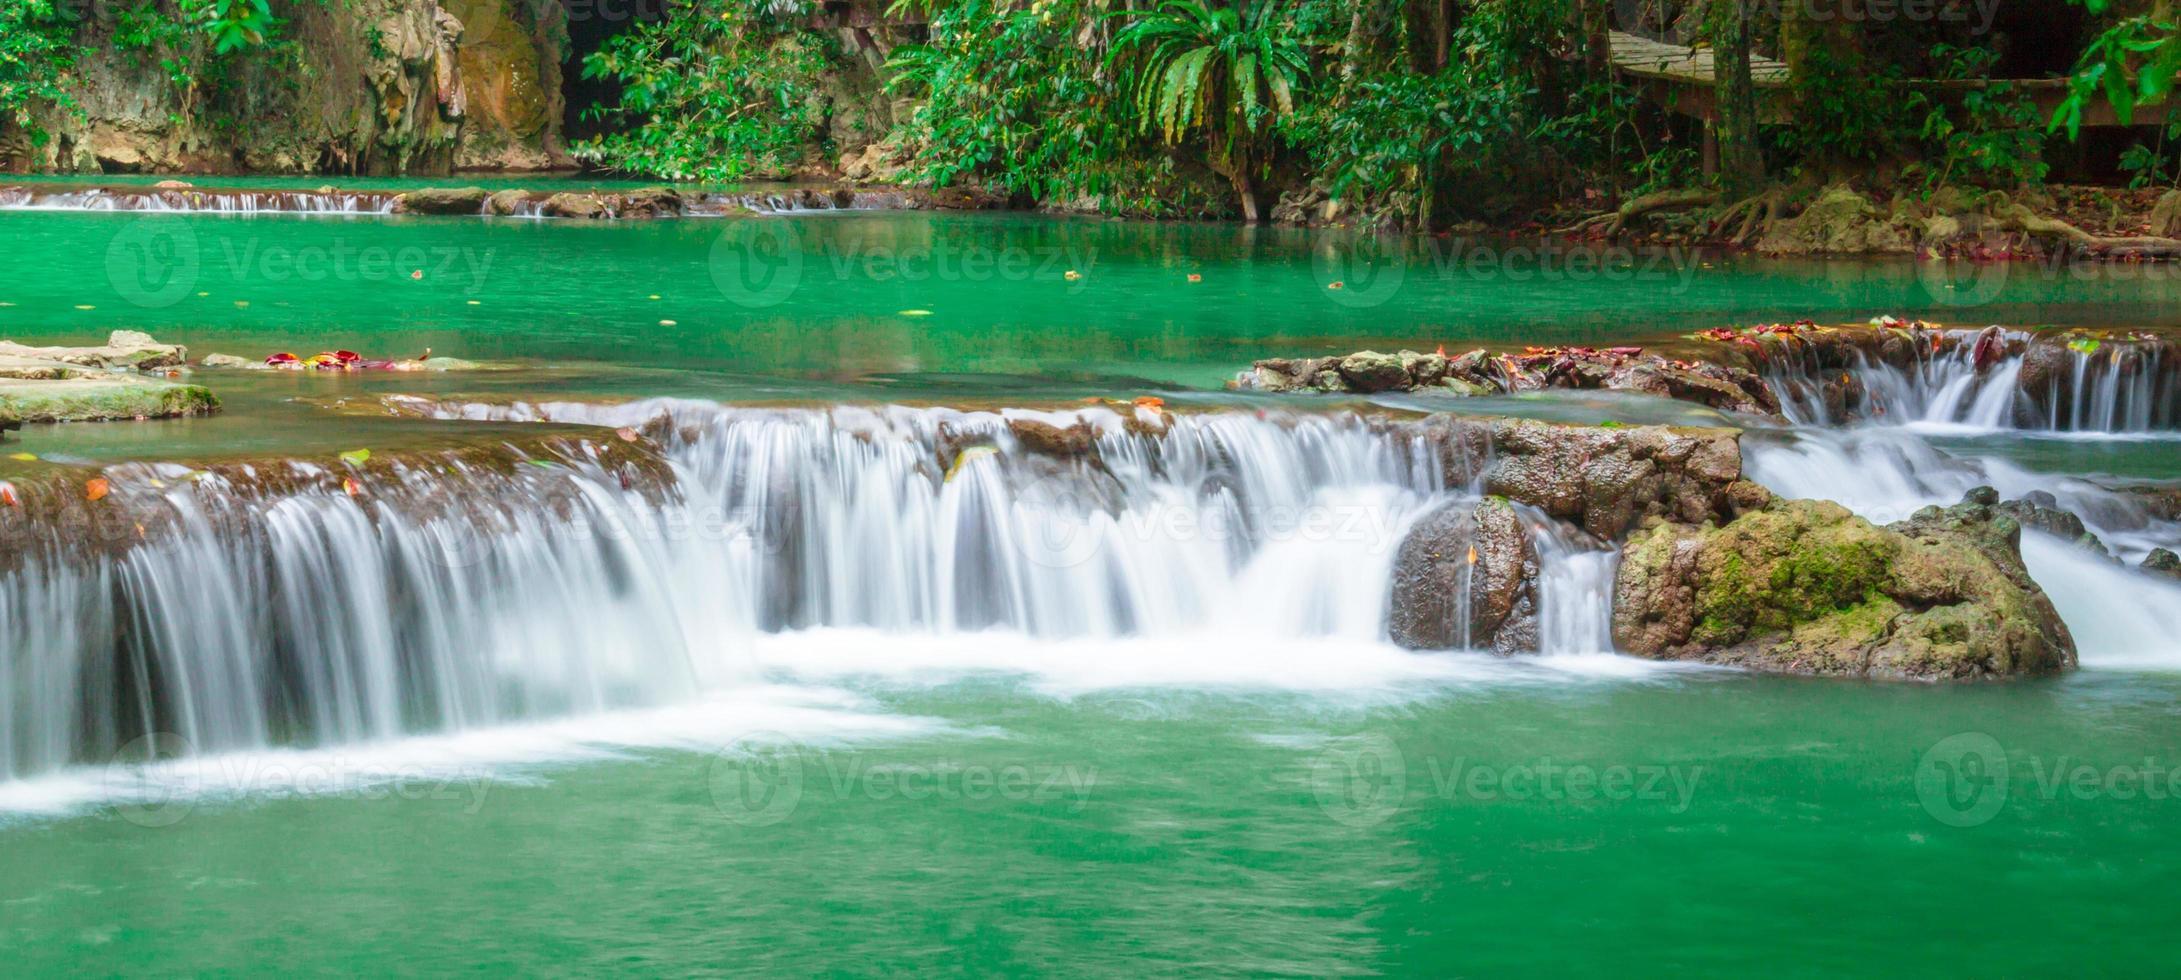 andaman thailand utomhusfotografering av vattenfallet foto